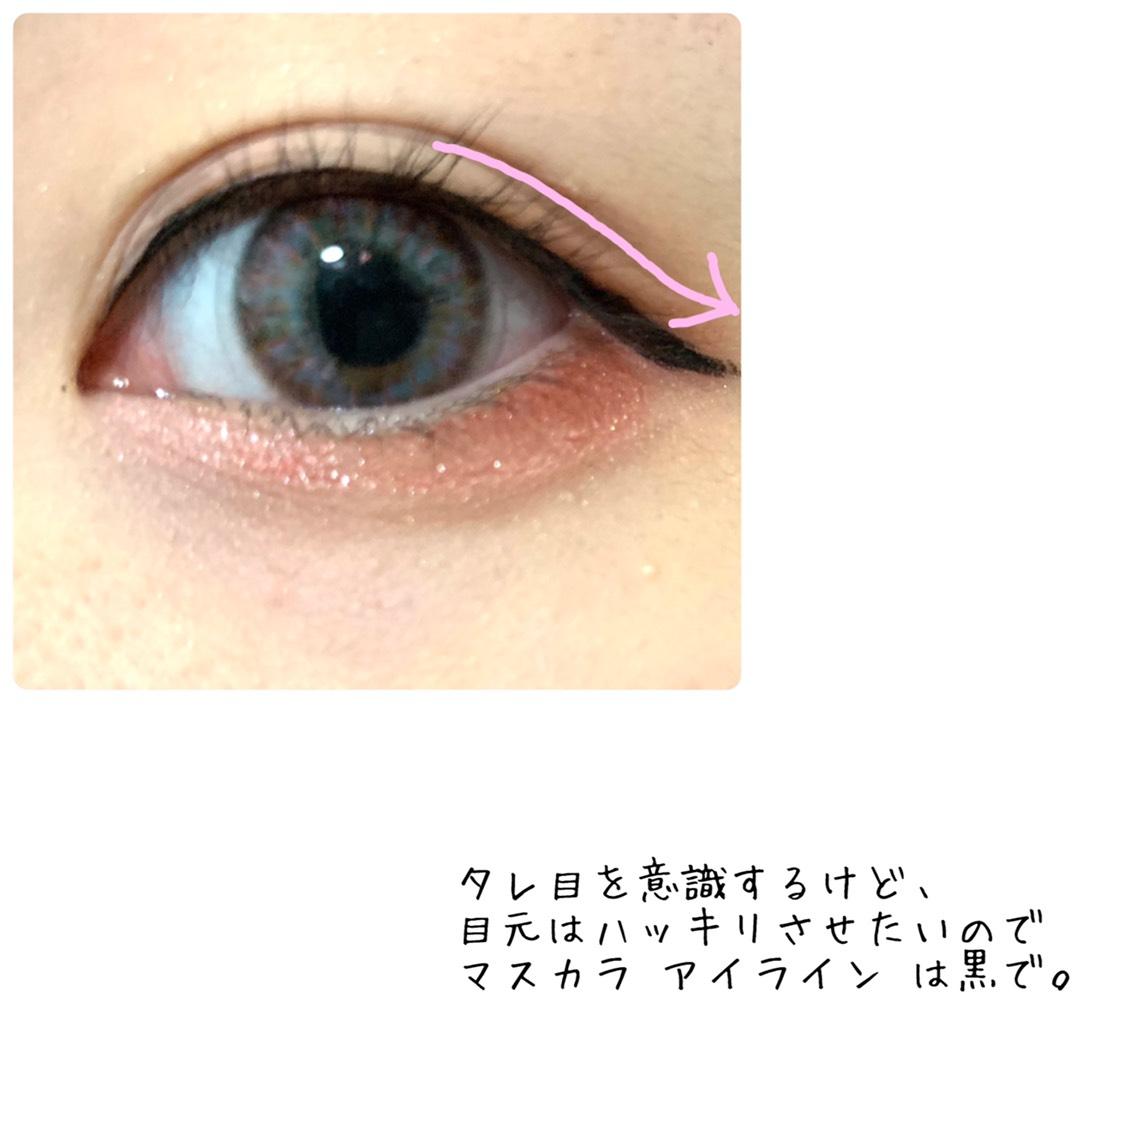 ダブルライン、涙袋を描いたら まつ毛をビューラーで上げ、マスカラ下地 → マスカラ → アイライン の順番でやっていきます。  アイラインは目の形に沿って気持ち下げめに描き、目元の印象を可愛くします◎